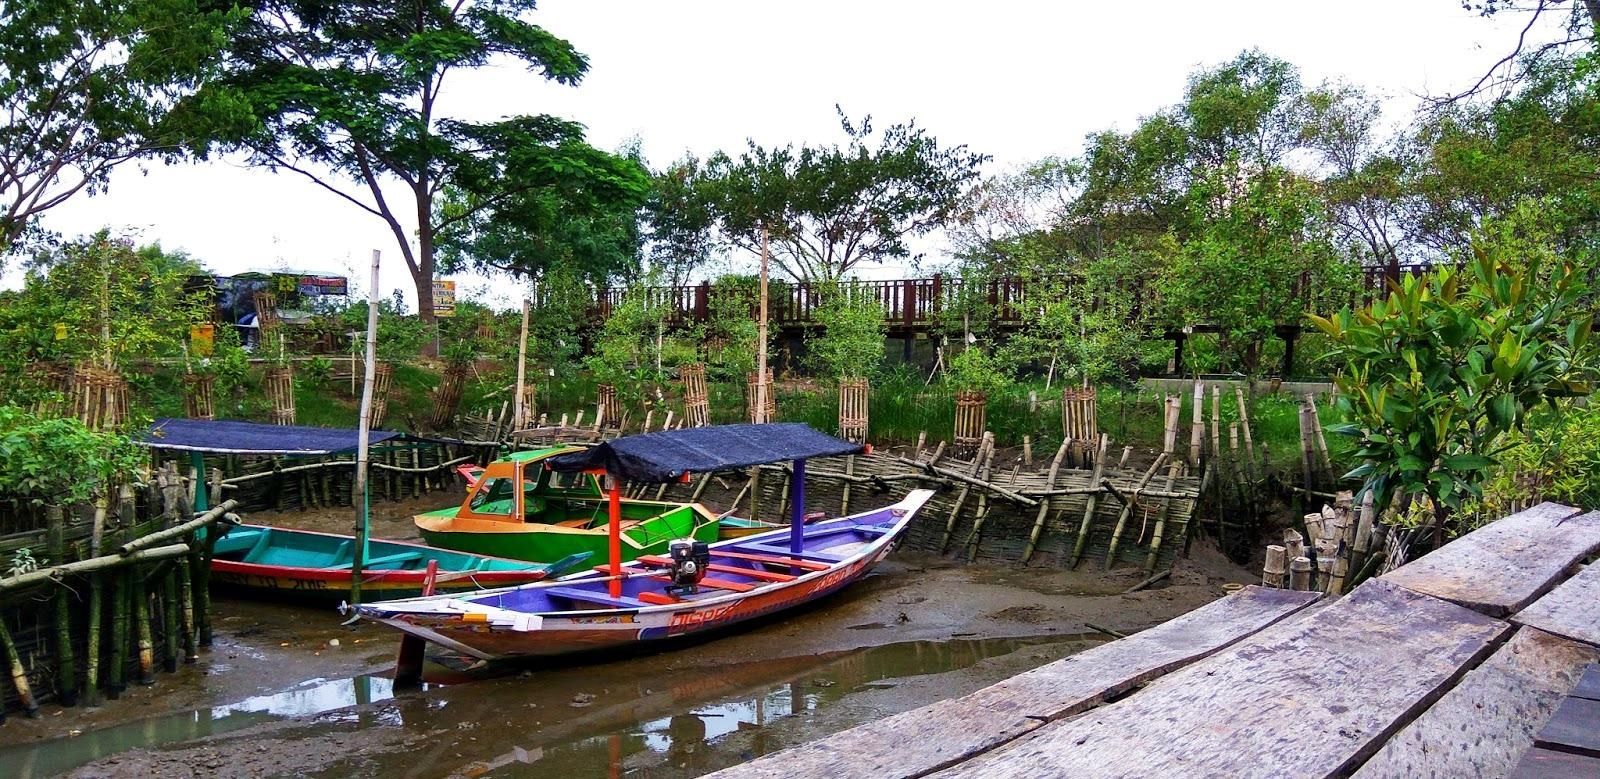 Hutan Mangrove Wonorejo Destinasi Wisata Lingkungan Lokasi Ekowisata Berada Jl